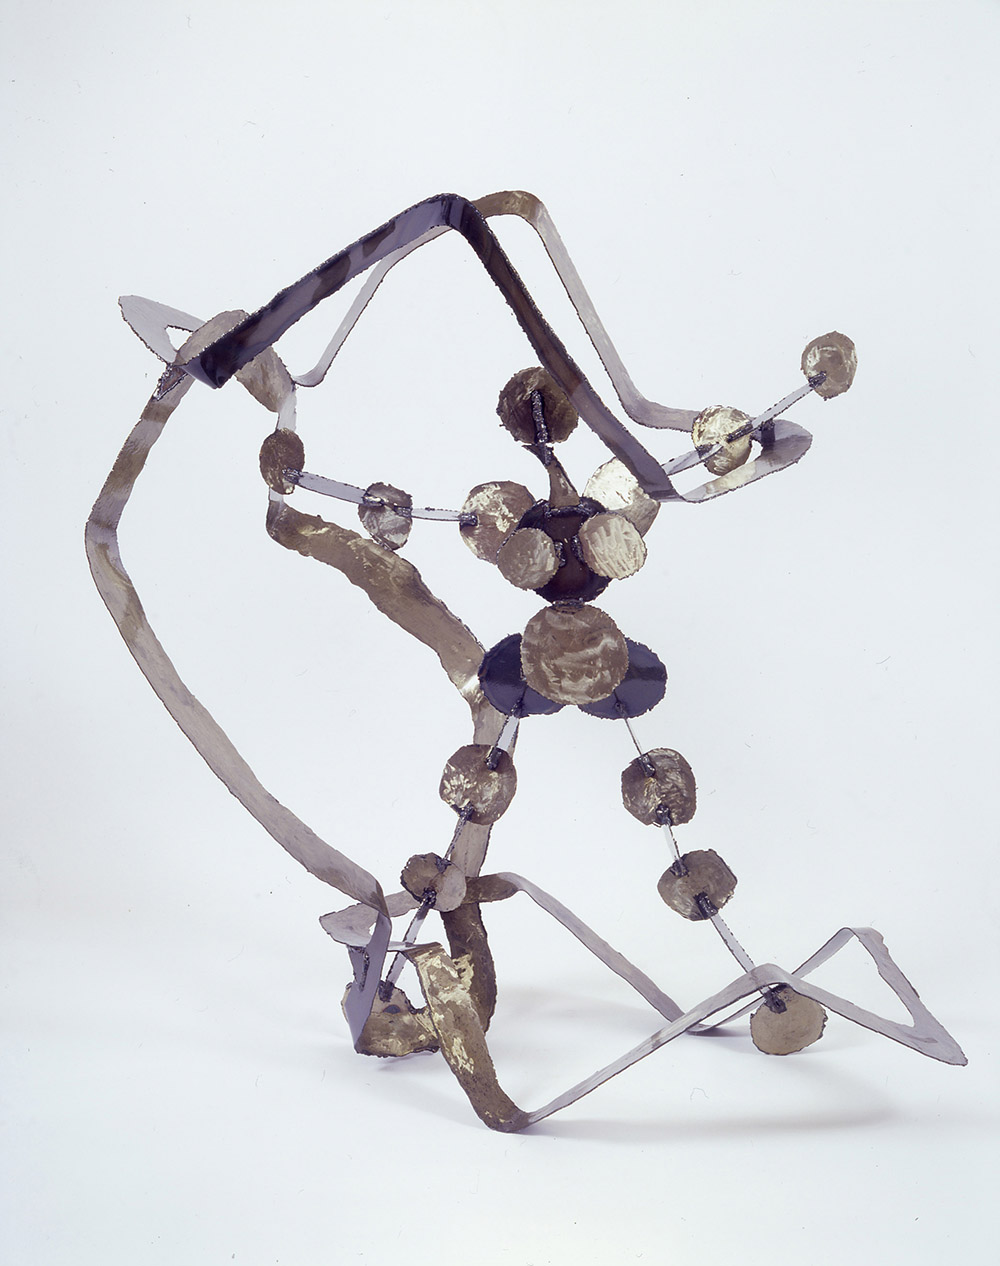 15.c-Ono-Struggle-1998.-Steel-146.3-x-149.4-x-100.6-cm-x.jpg